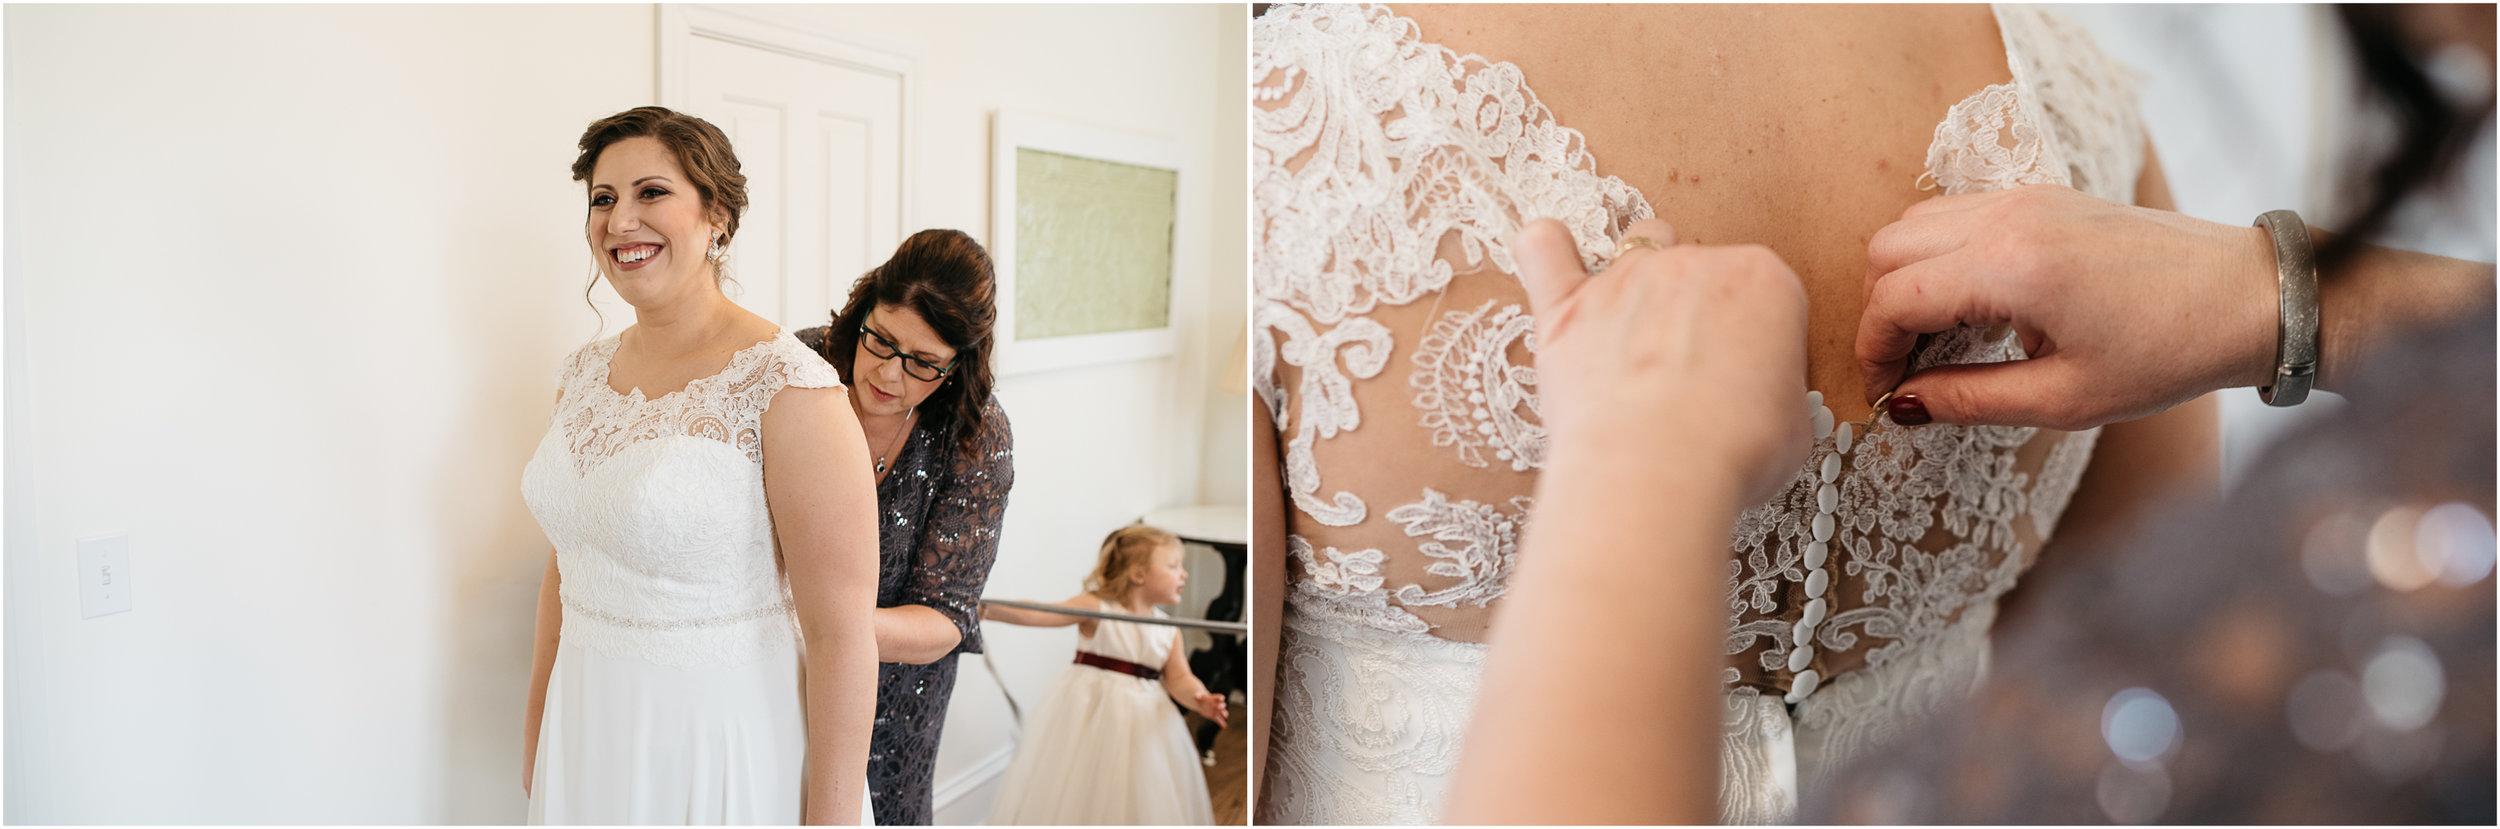 bridal getting ready oak lodge wedding pittsburgh and ligonier wedding photographer.jpg